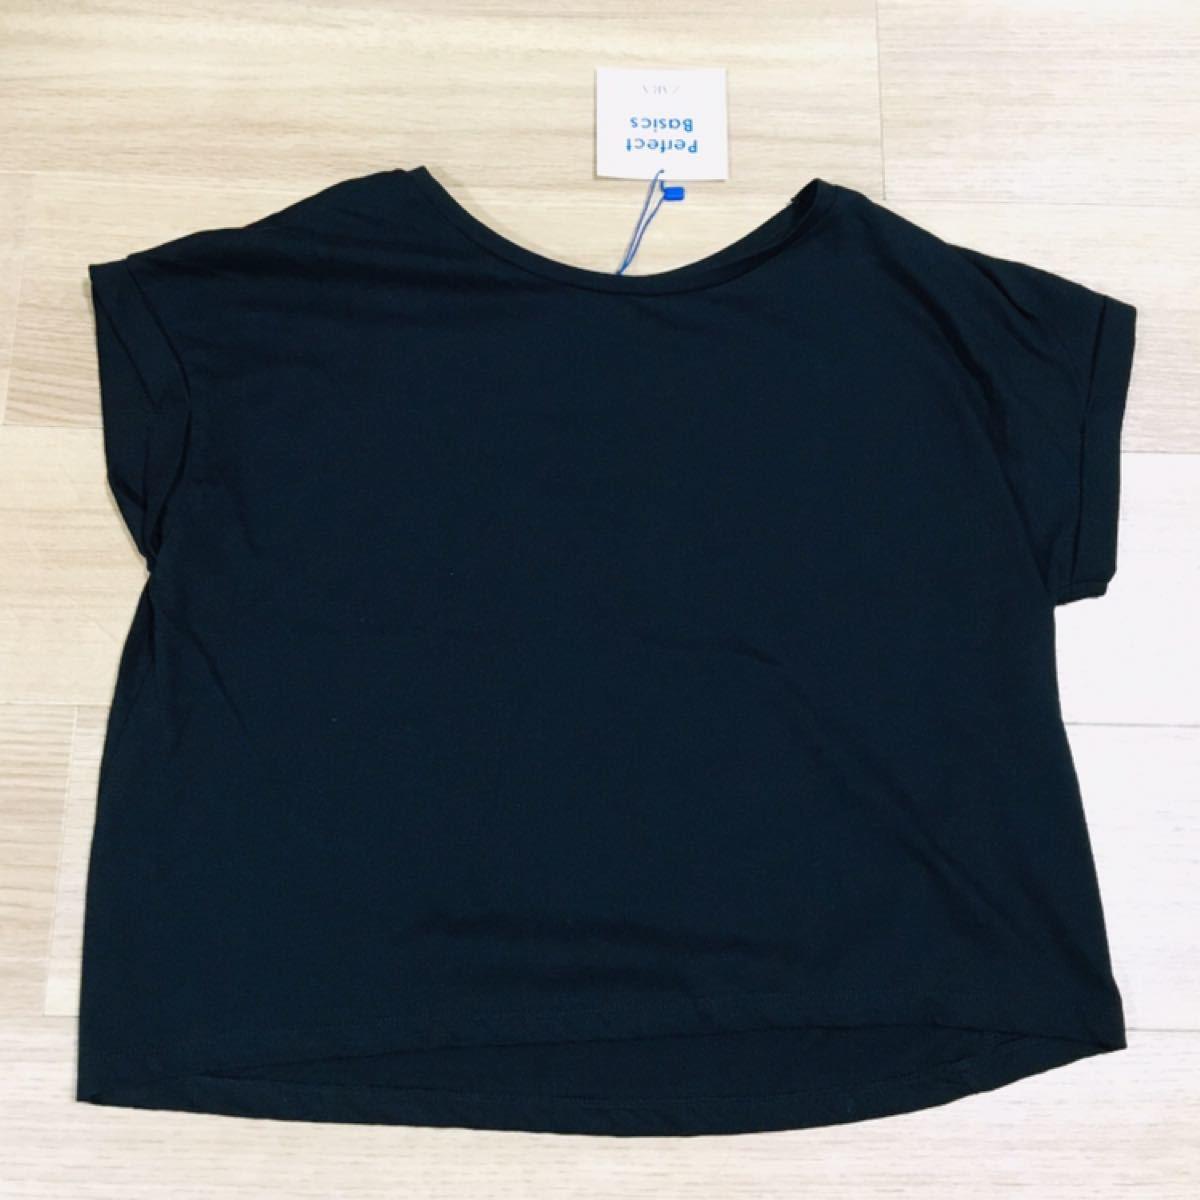 半袖Tシャツ ザラ 黒 シンプル 無地 コットン S